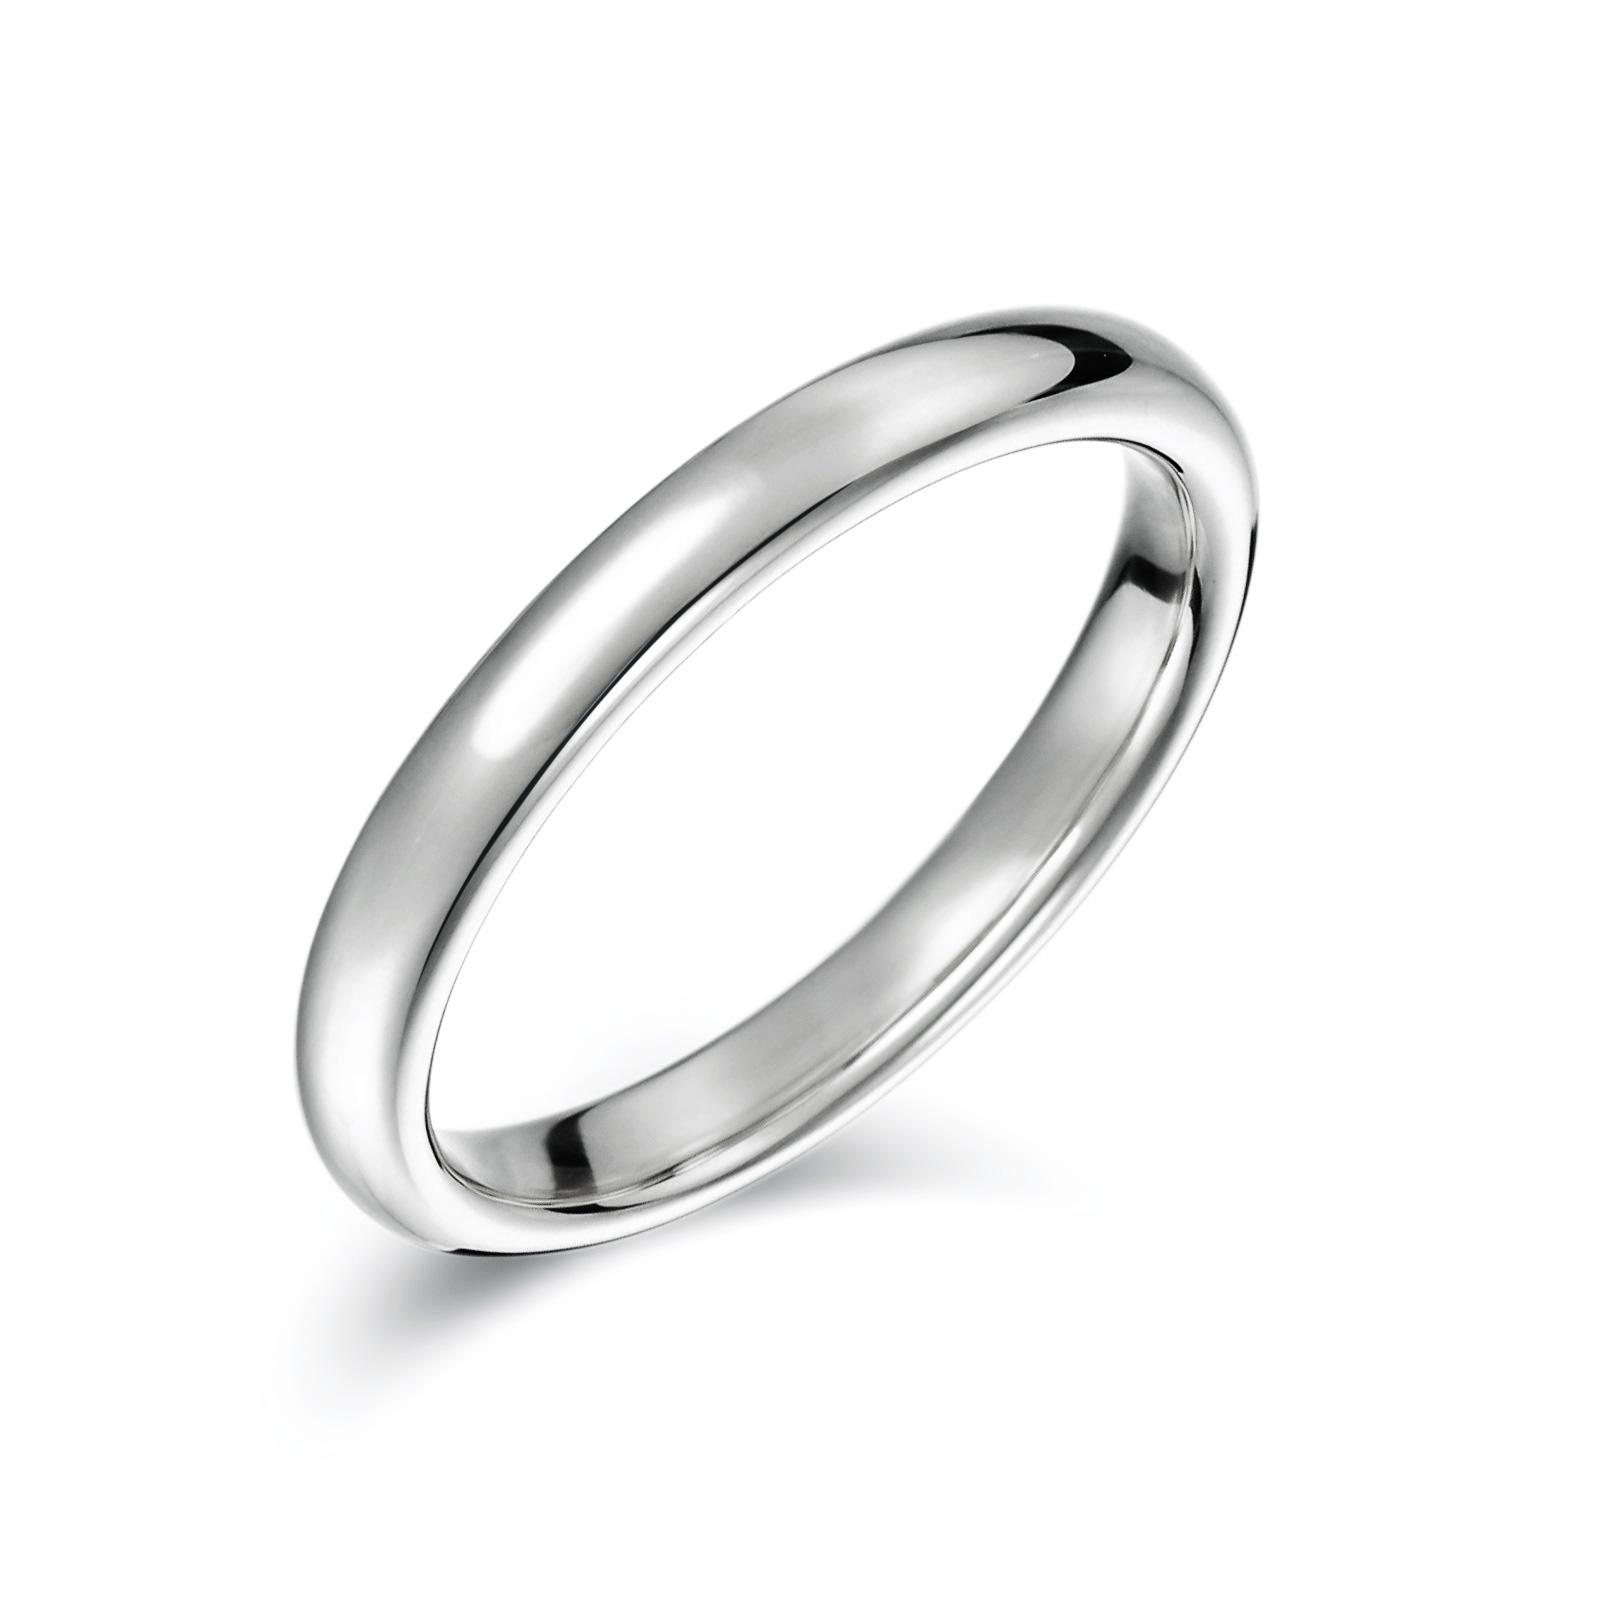 結婚指輪No1 女性用 プラチナ(幅2.5mm / Pt950)